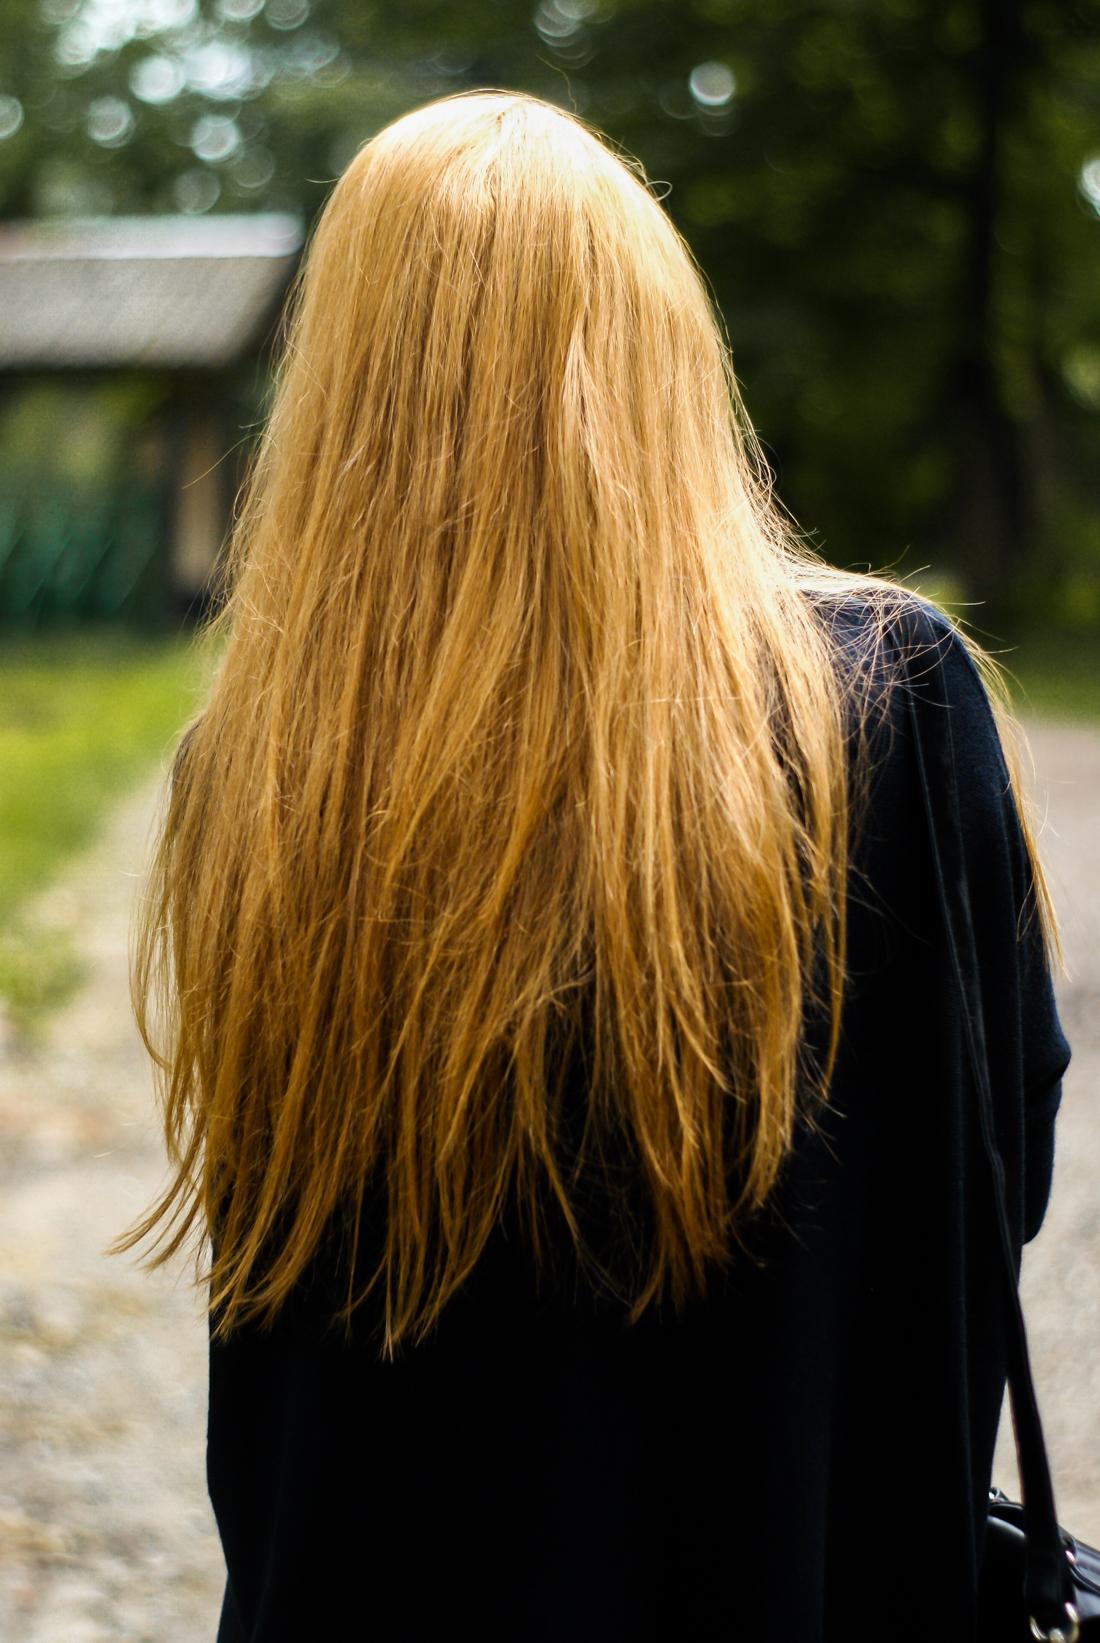 nowy kolor włosów kolorowadusza